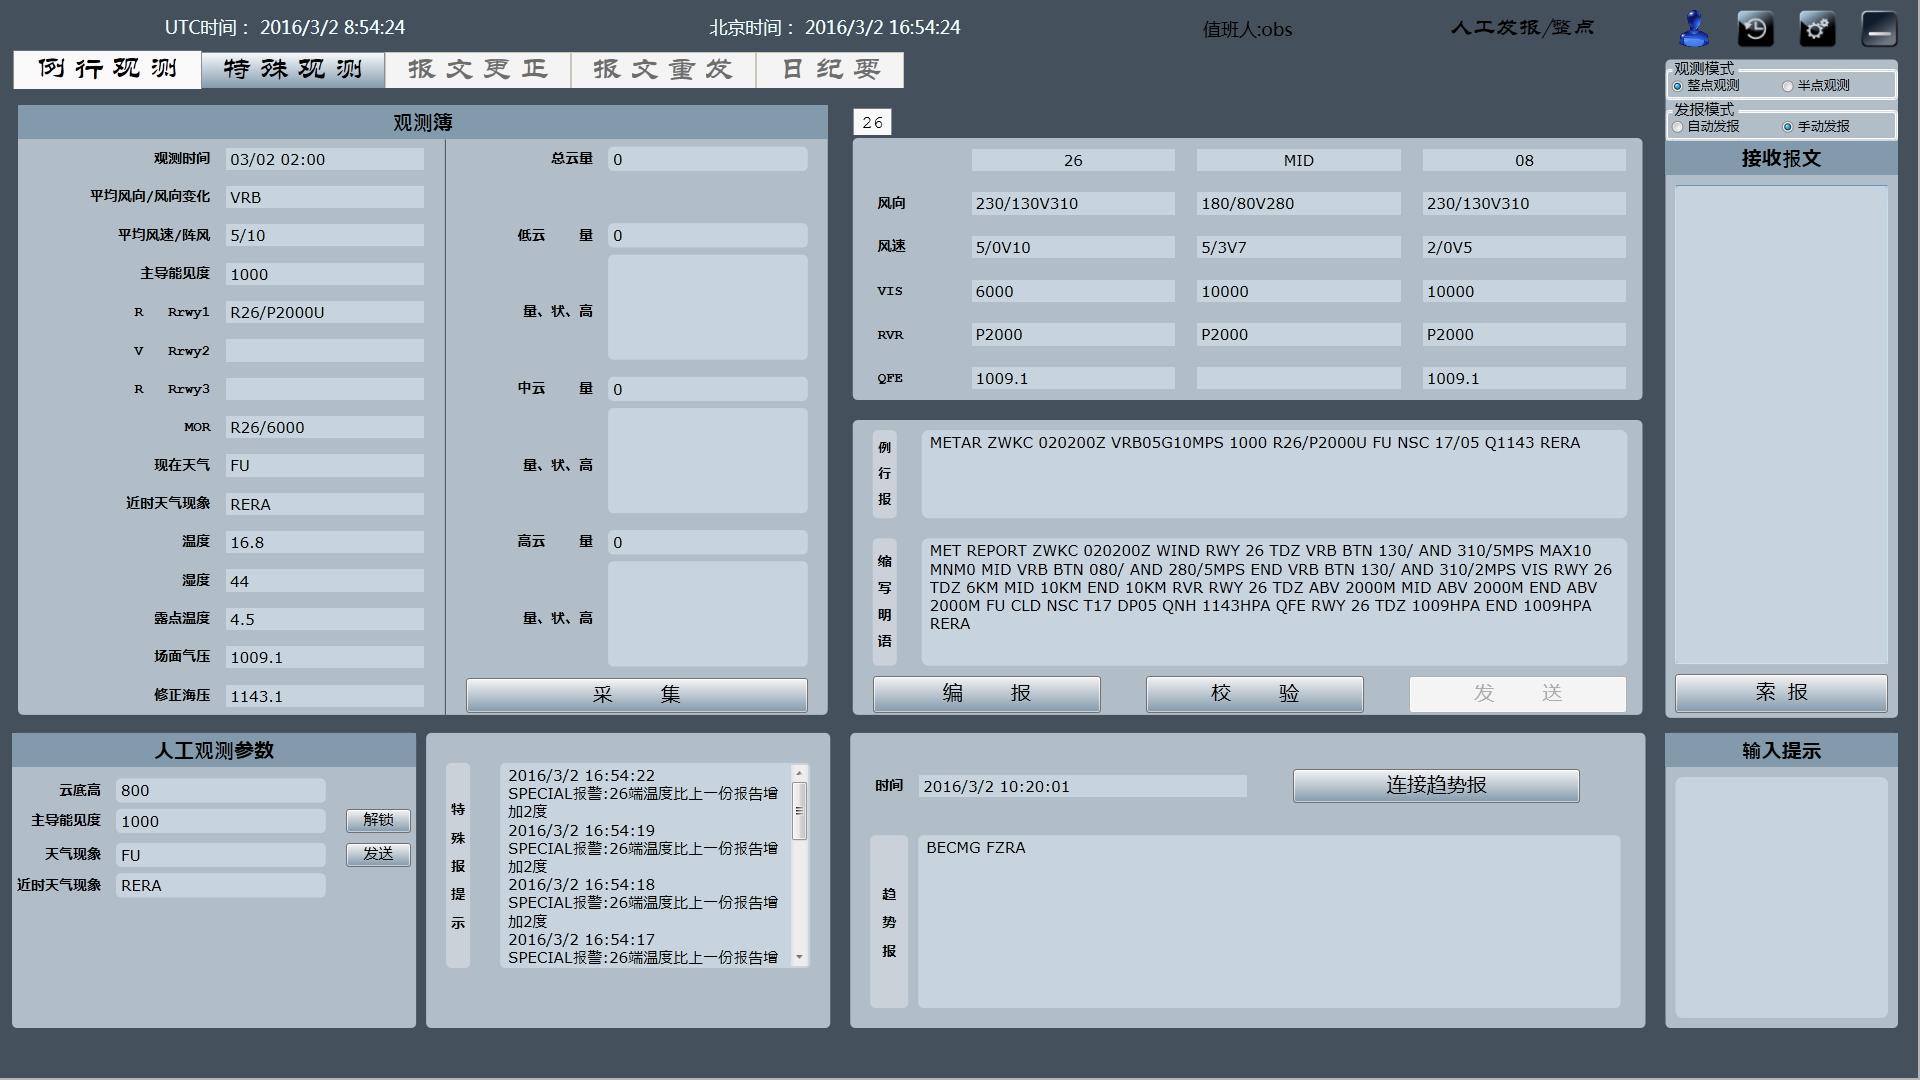 OBMATE机场资料处理系统